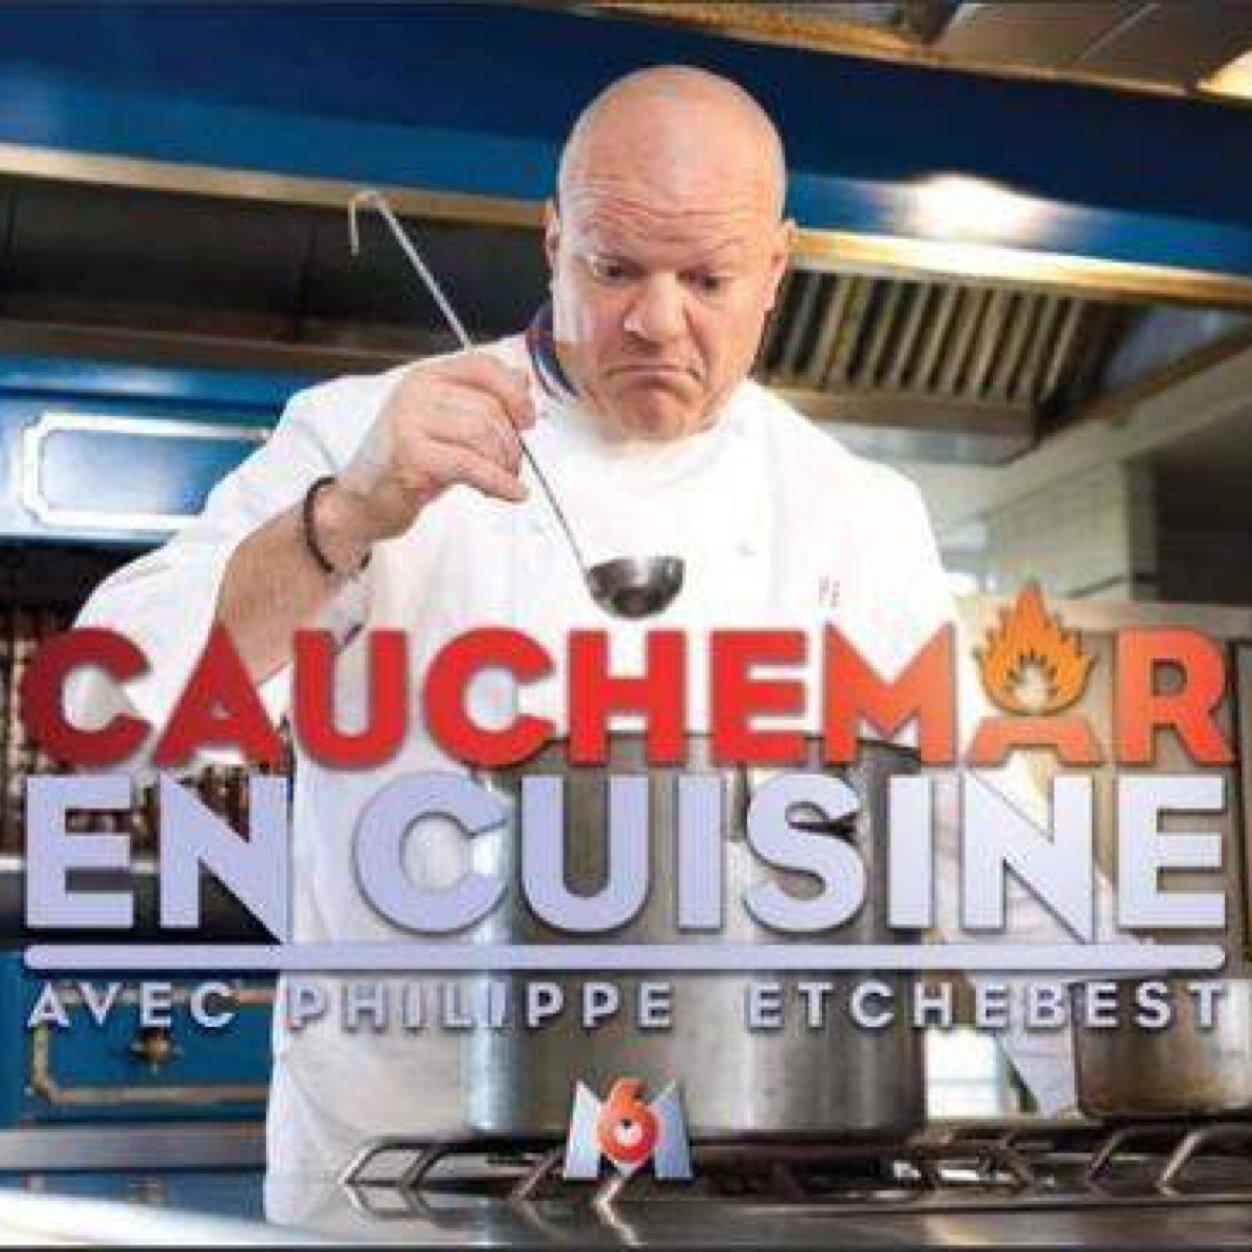 Cauchemarencuisine - Revoir cauchemar en cuisine ...